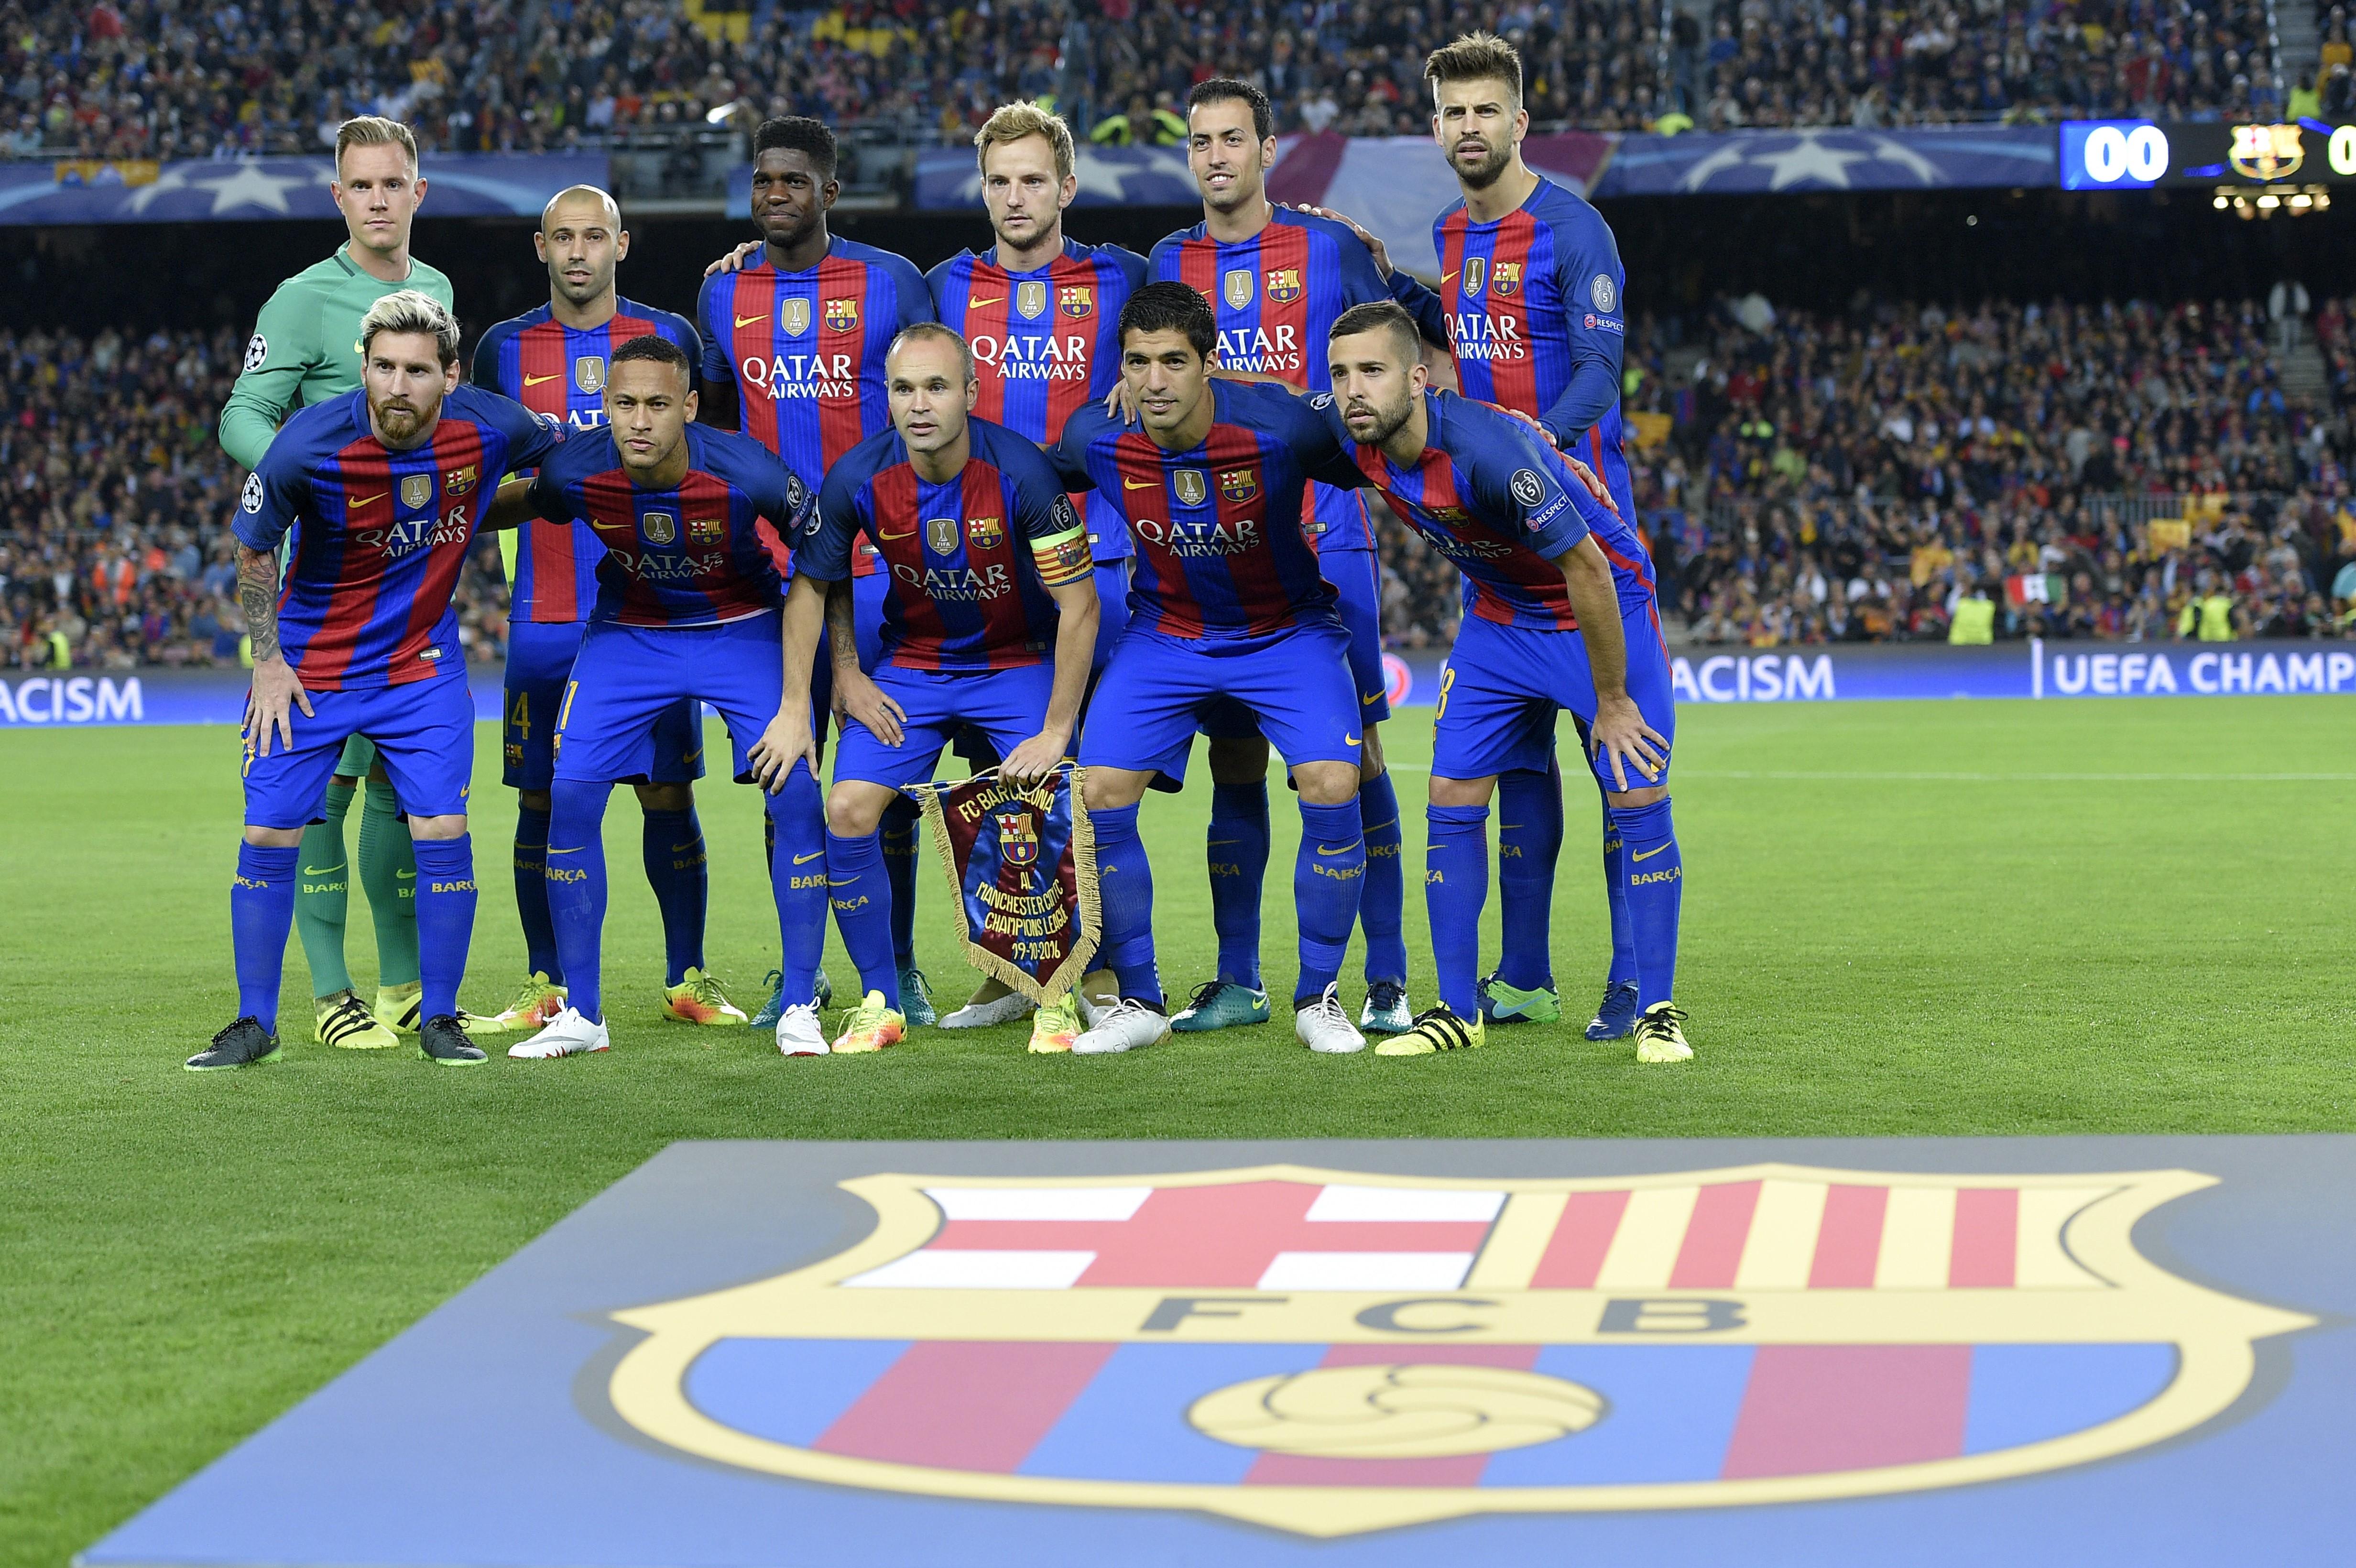 Le onze du FC Barcelone avant son match de Ligue des Champions contre  Manchester City le 29a8936e600bc